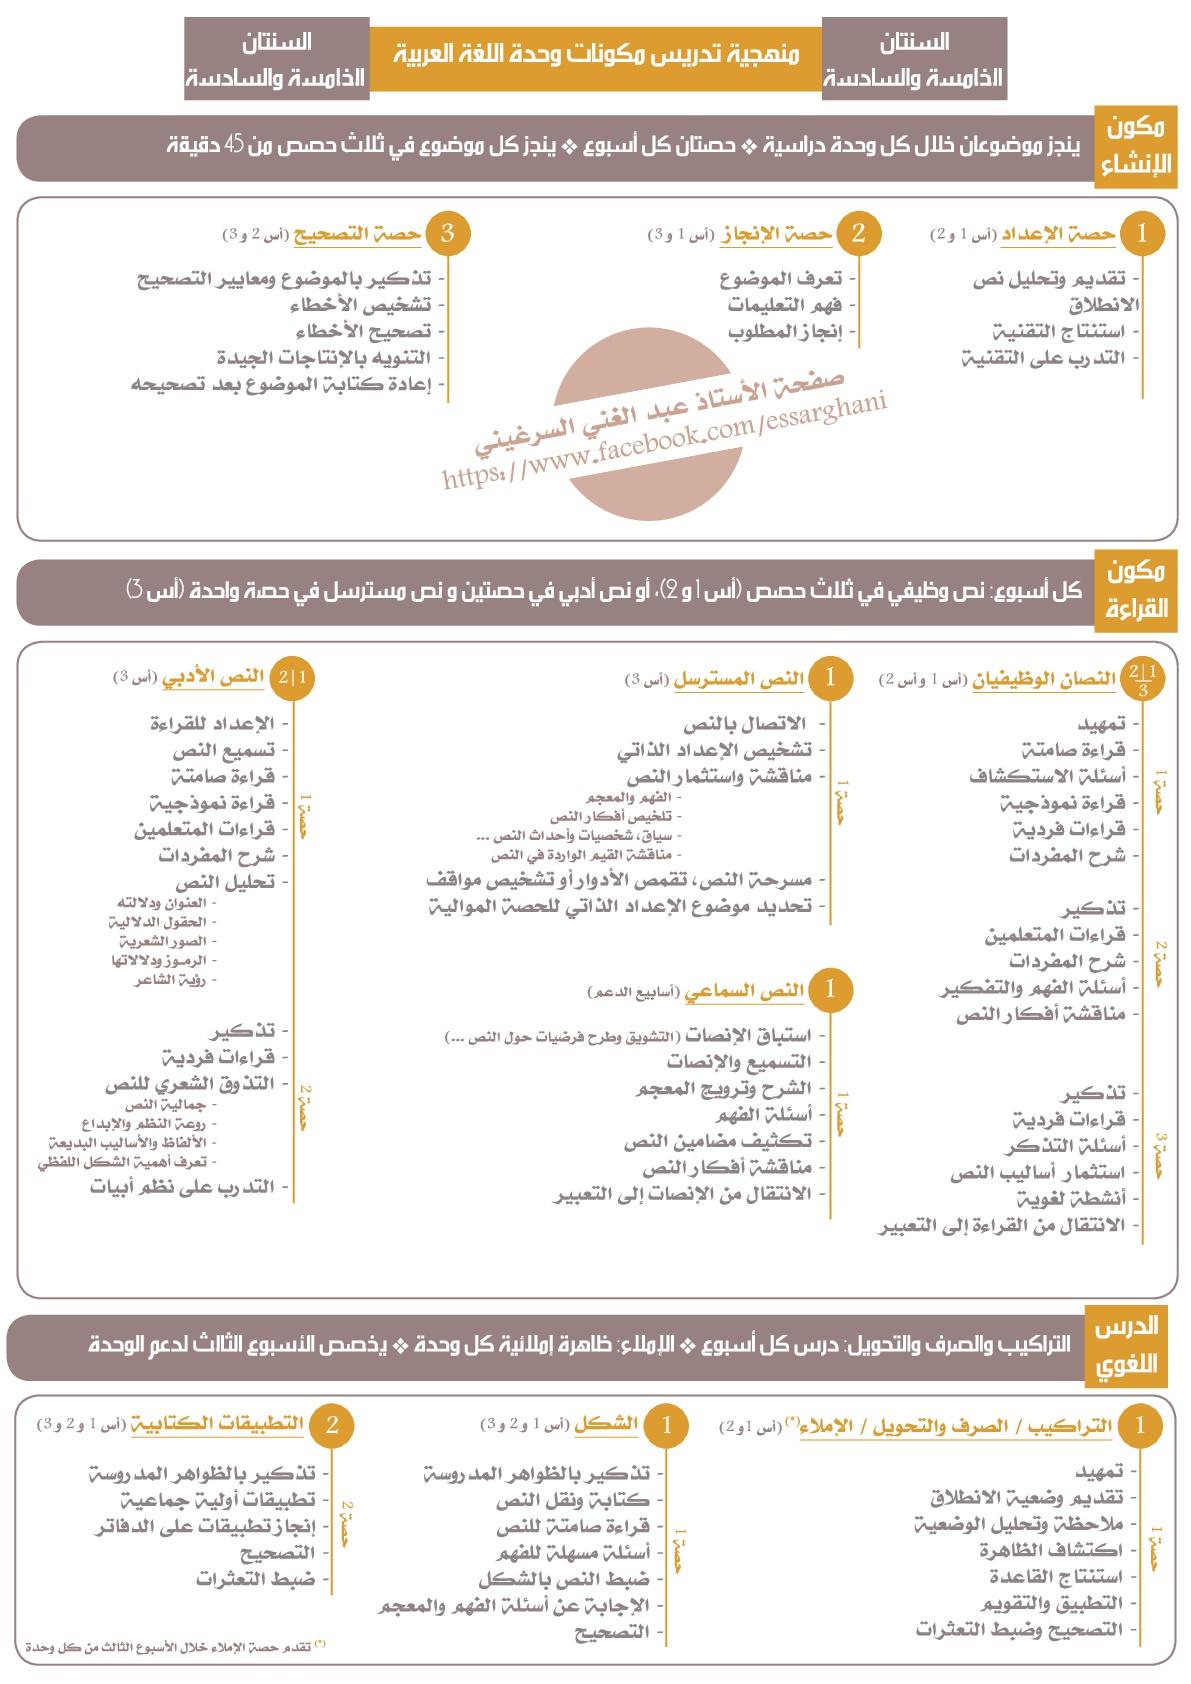 منهجية تدريس مكونات وحدة اللغة العربية السنة الخامسة والسادسة